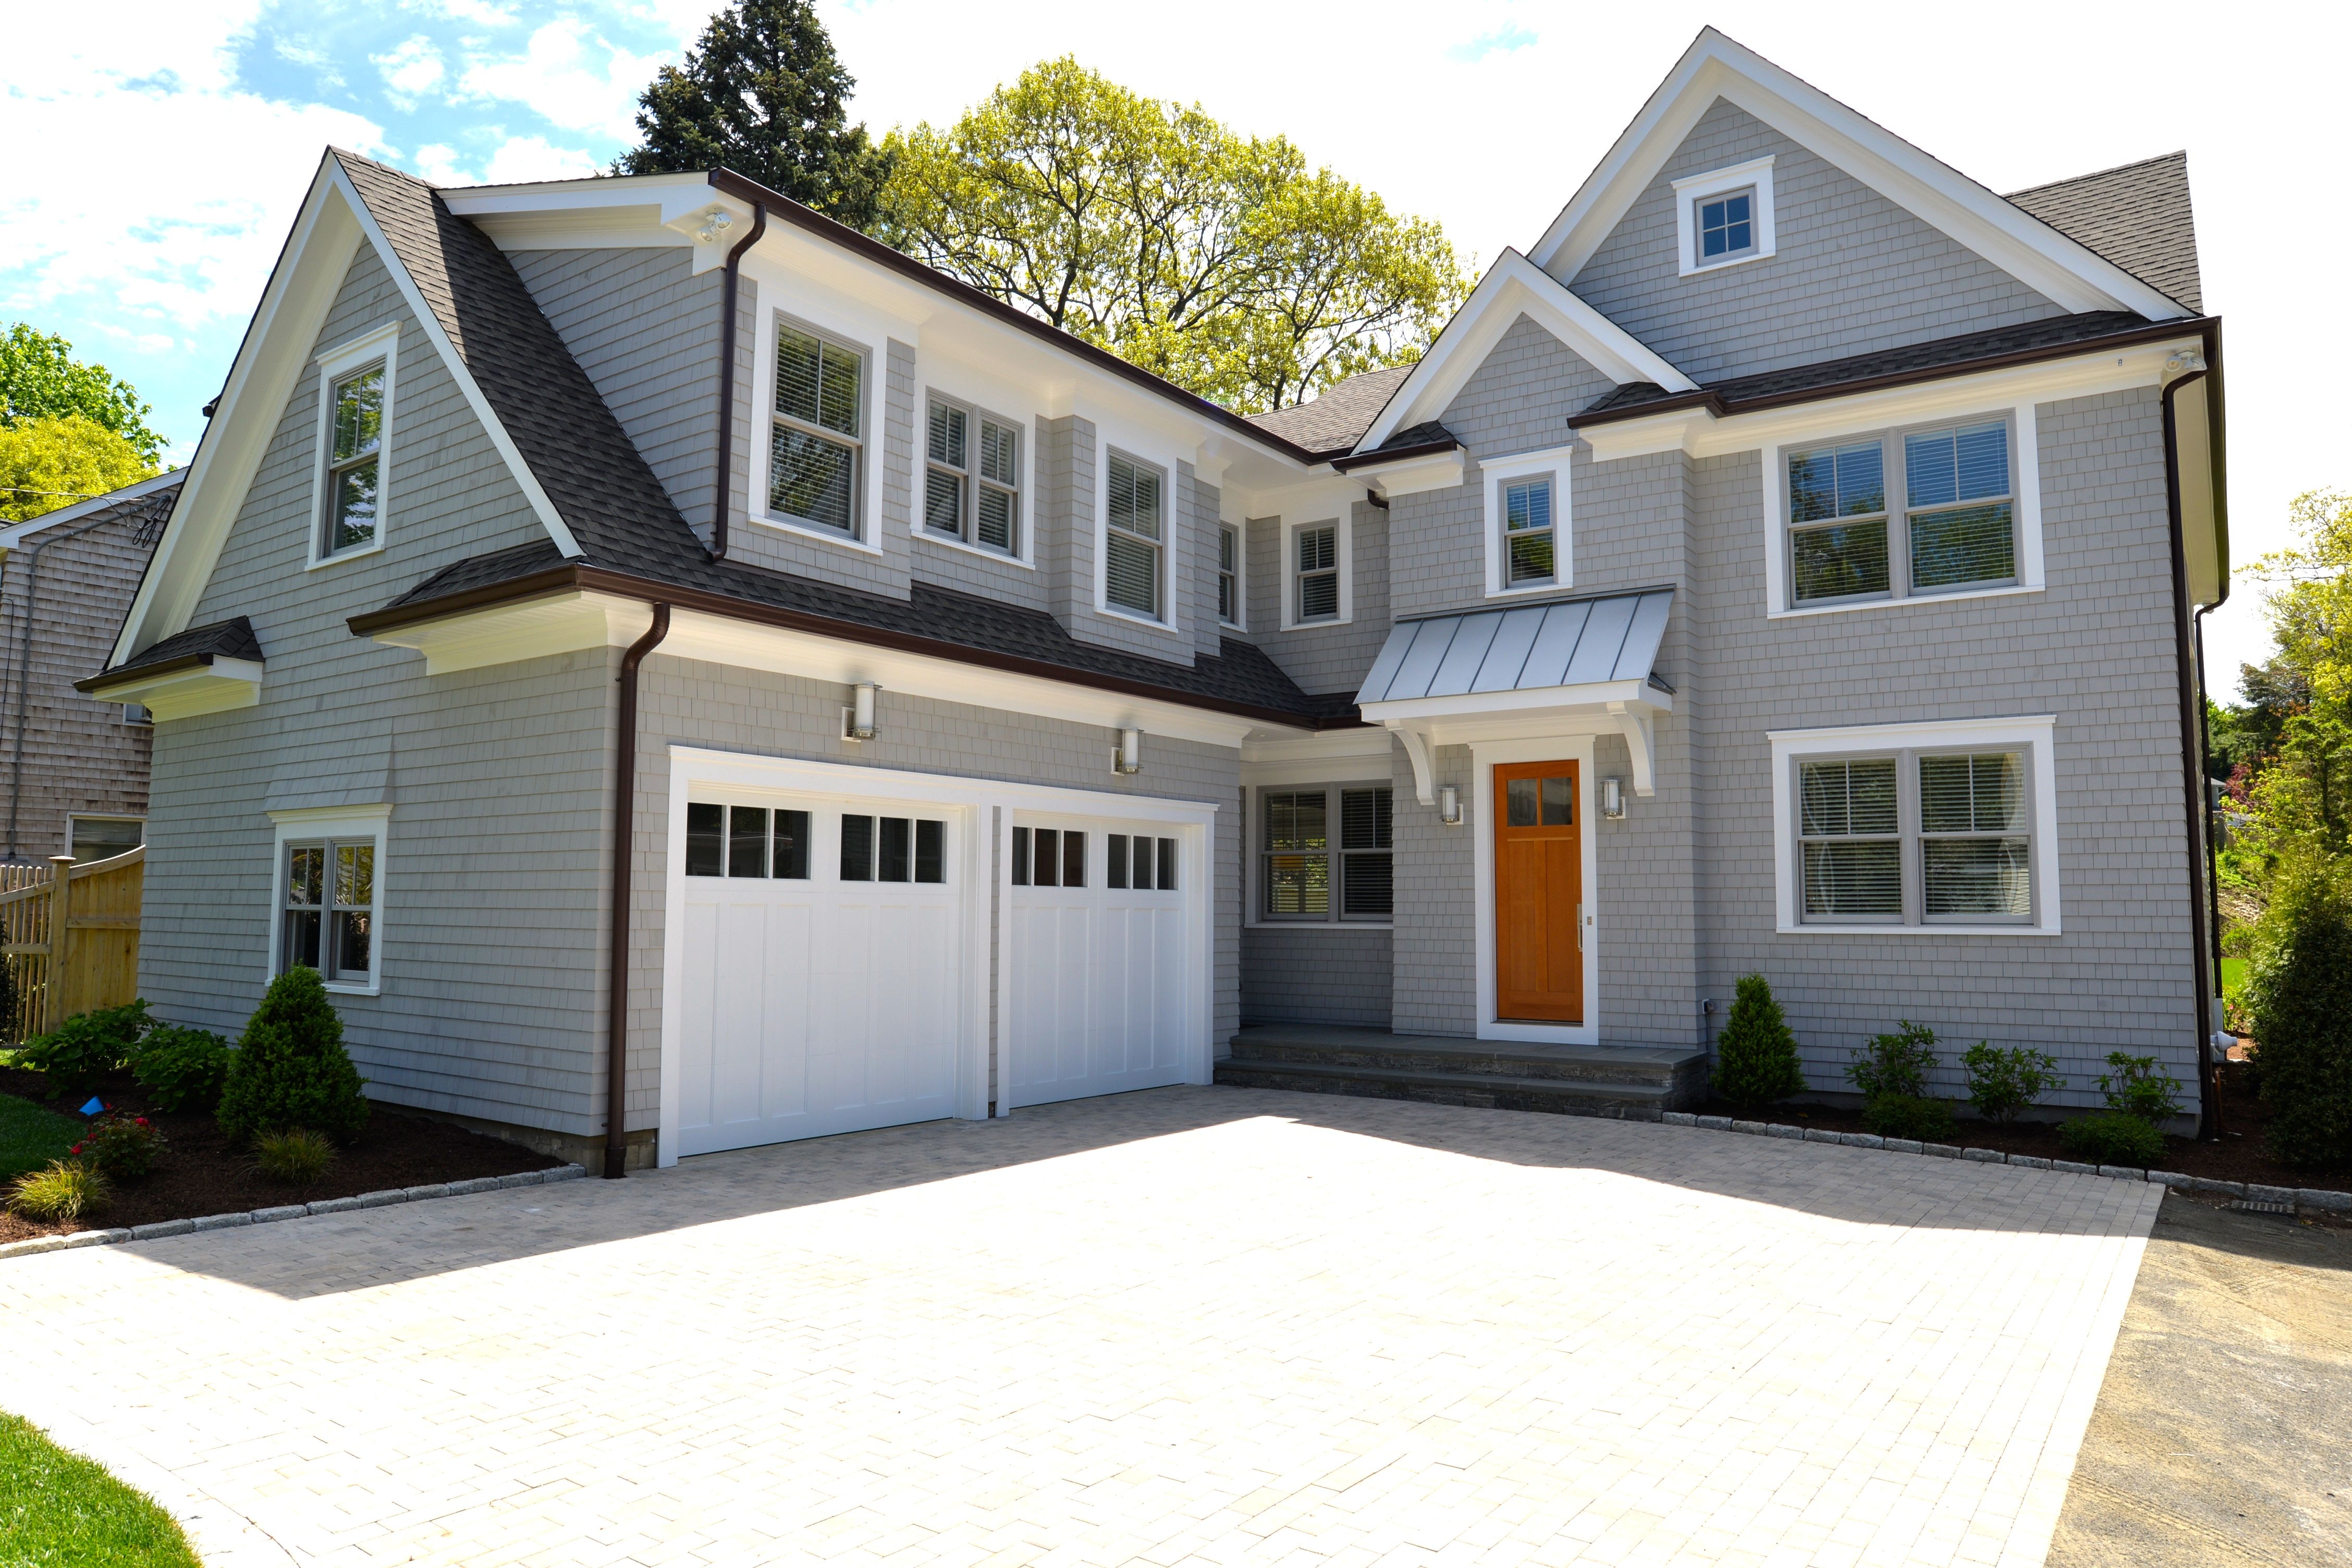 獨棟家庭住宅 為 出售 在 New Construction 15 Vani Court Westport, 康涅狄格州, 06880 美國